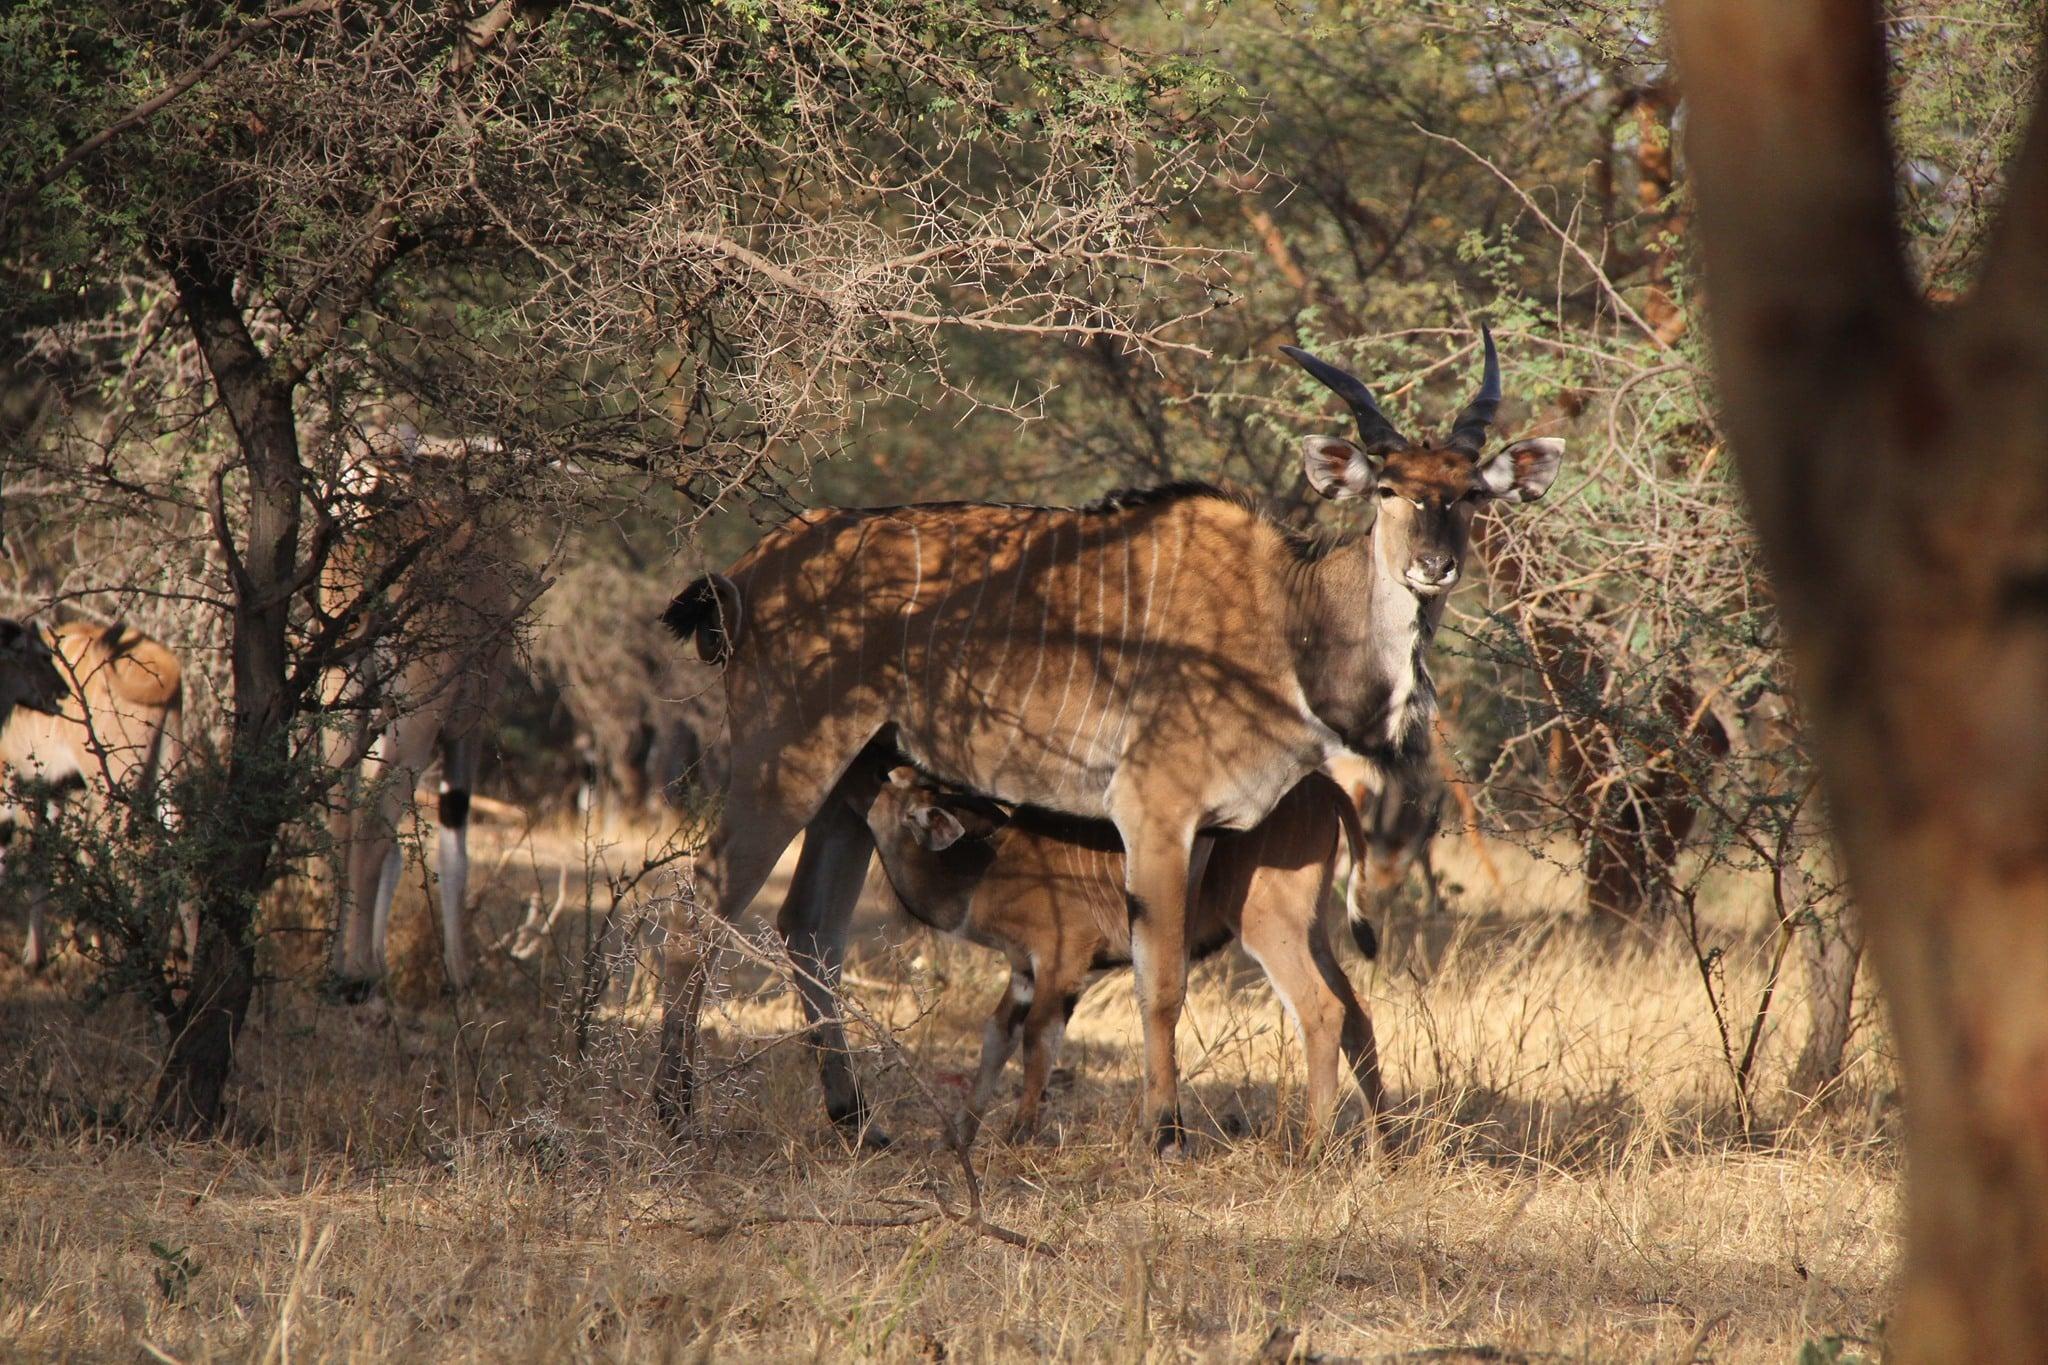 Jan Stejskal: Jak se daří největším antilopám světa? Naděje stále žije